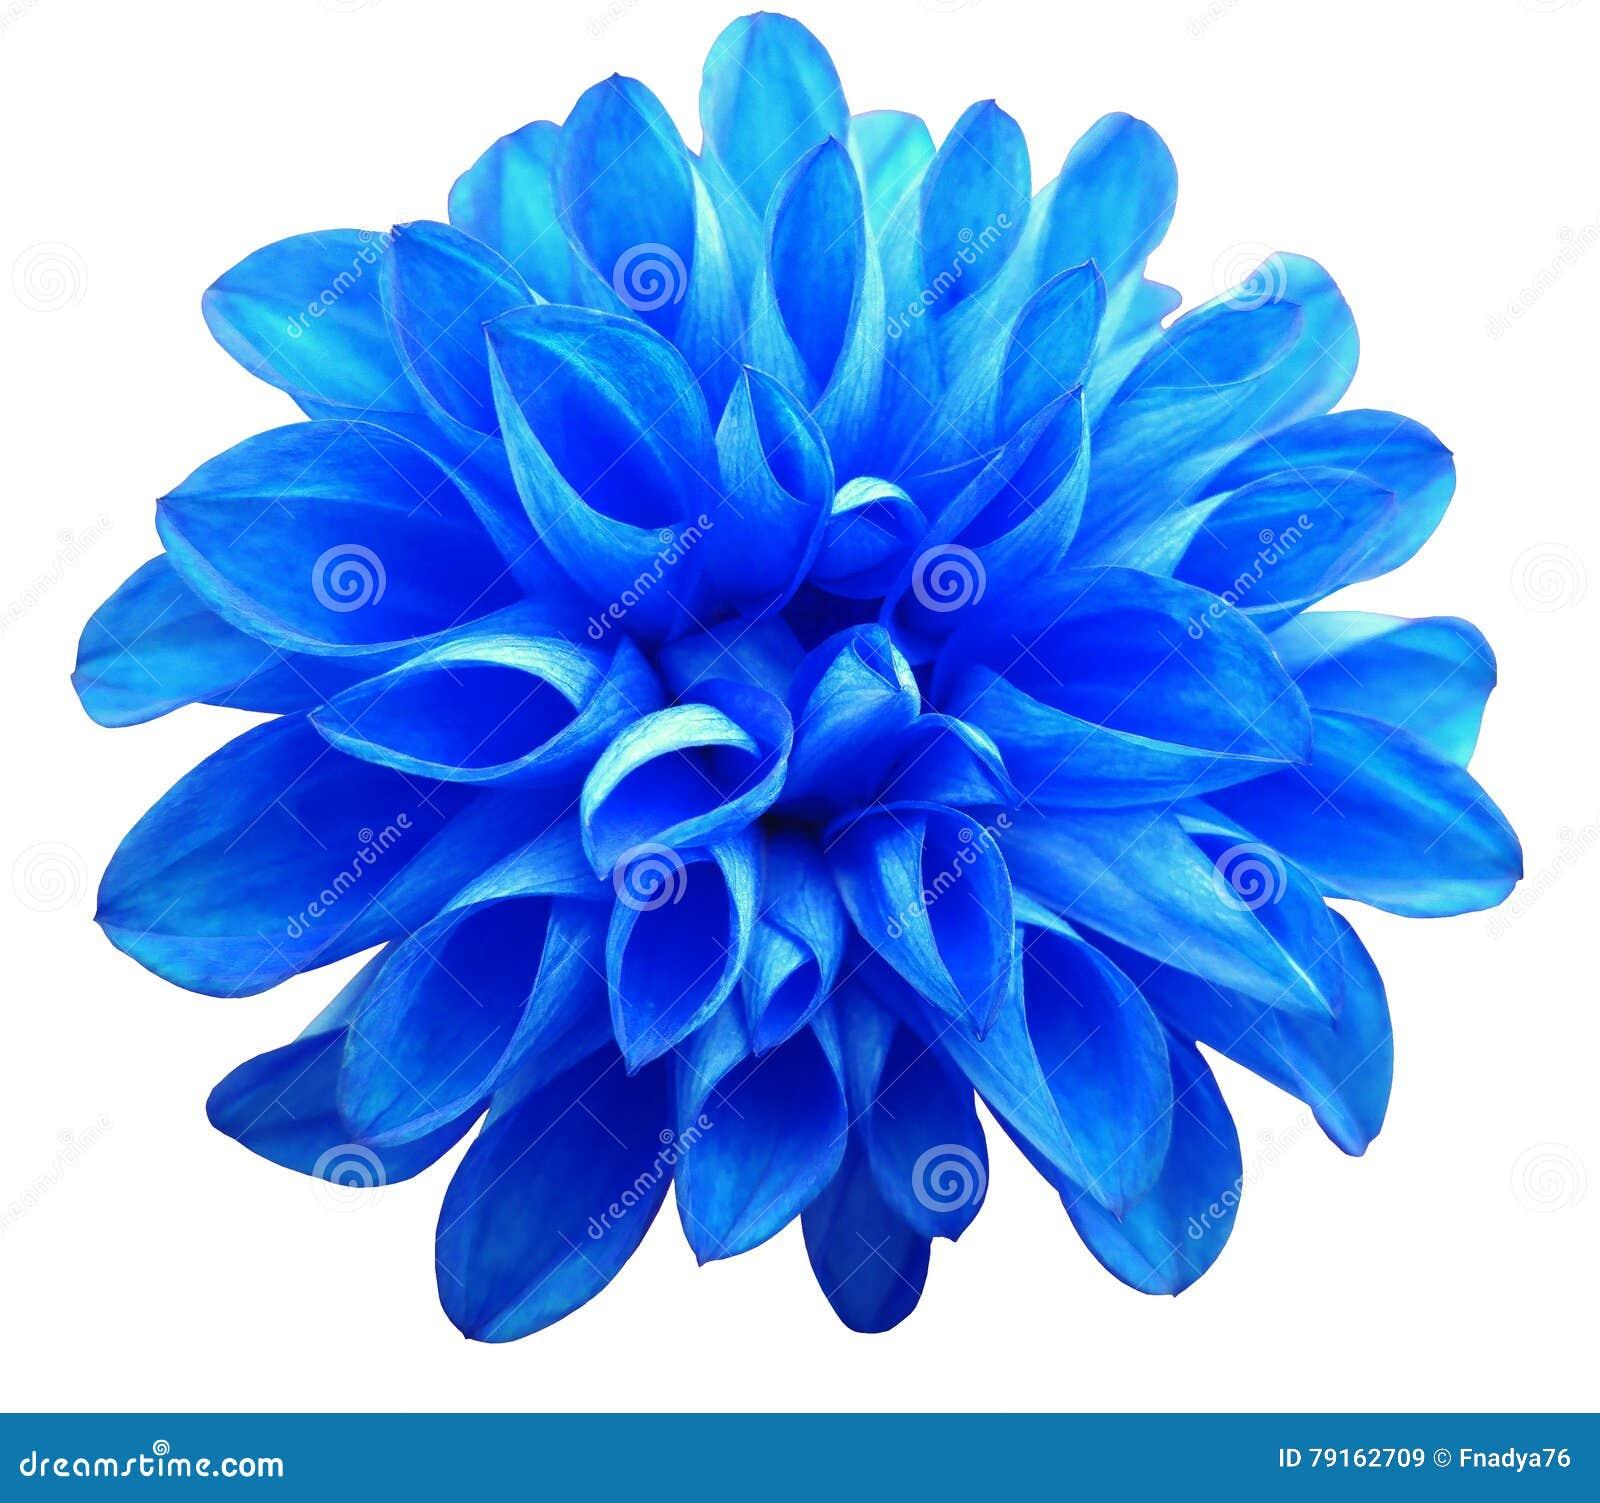 Flower Blue Dahlia Isolated On White Background Stock Image Image